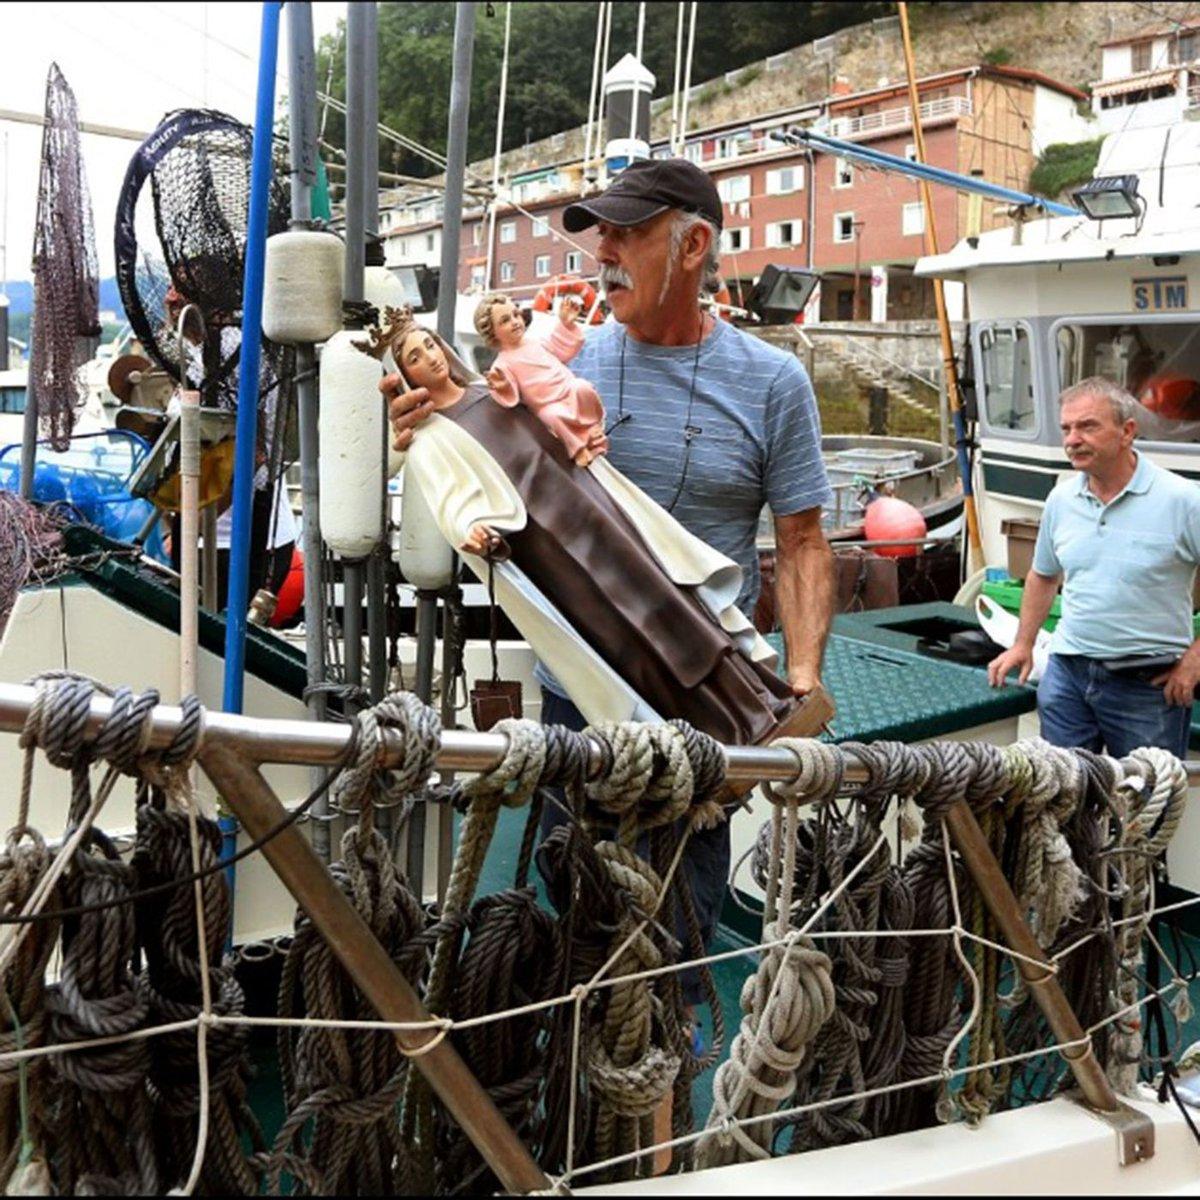 Zorionak a todos los marinos y gente de mar en el día de nuestra Patrona, la Virgen del Carmen #DíaDelCarmen Ondo pasa eta on egin! #Donostia #partevieja #materiaprima #gipuzkoa #sansebastian #basquecountry #Gastronomia